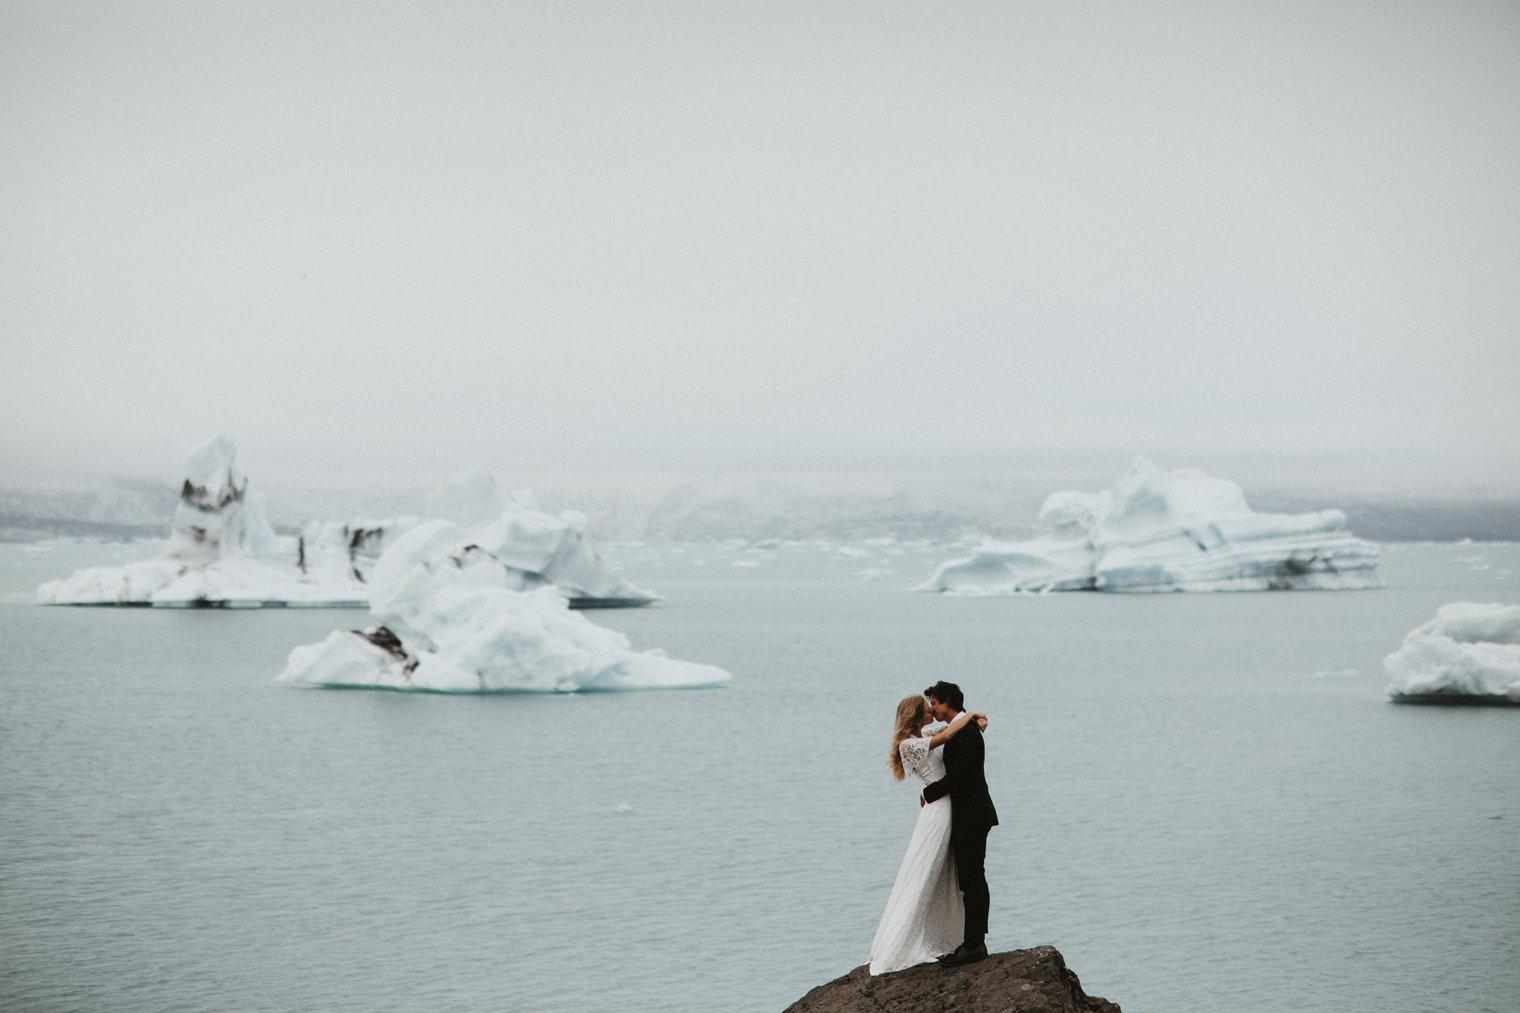 098-iceland-wedding